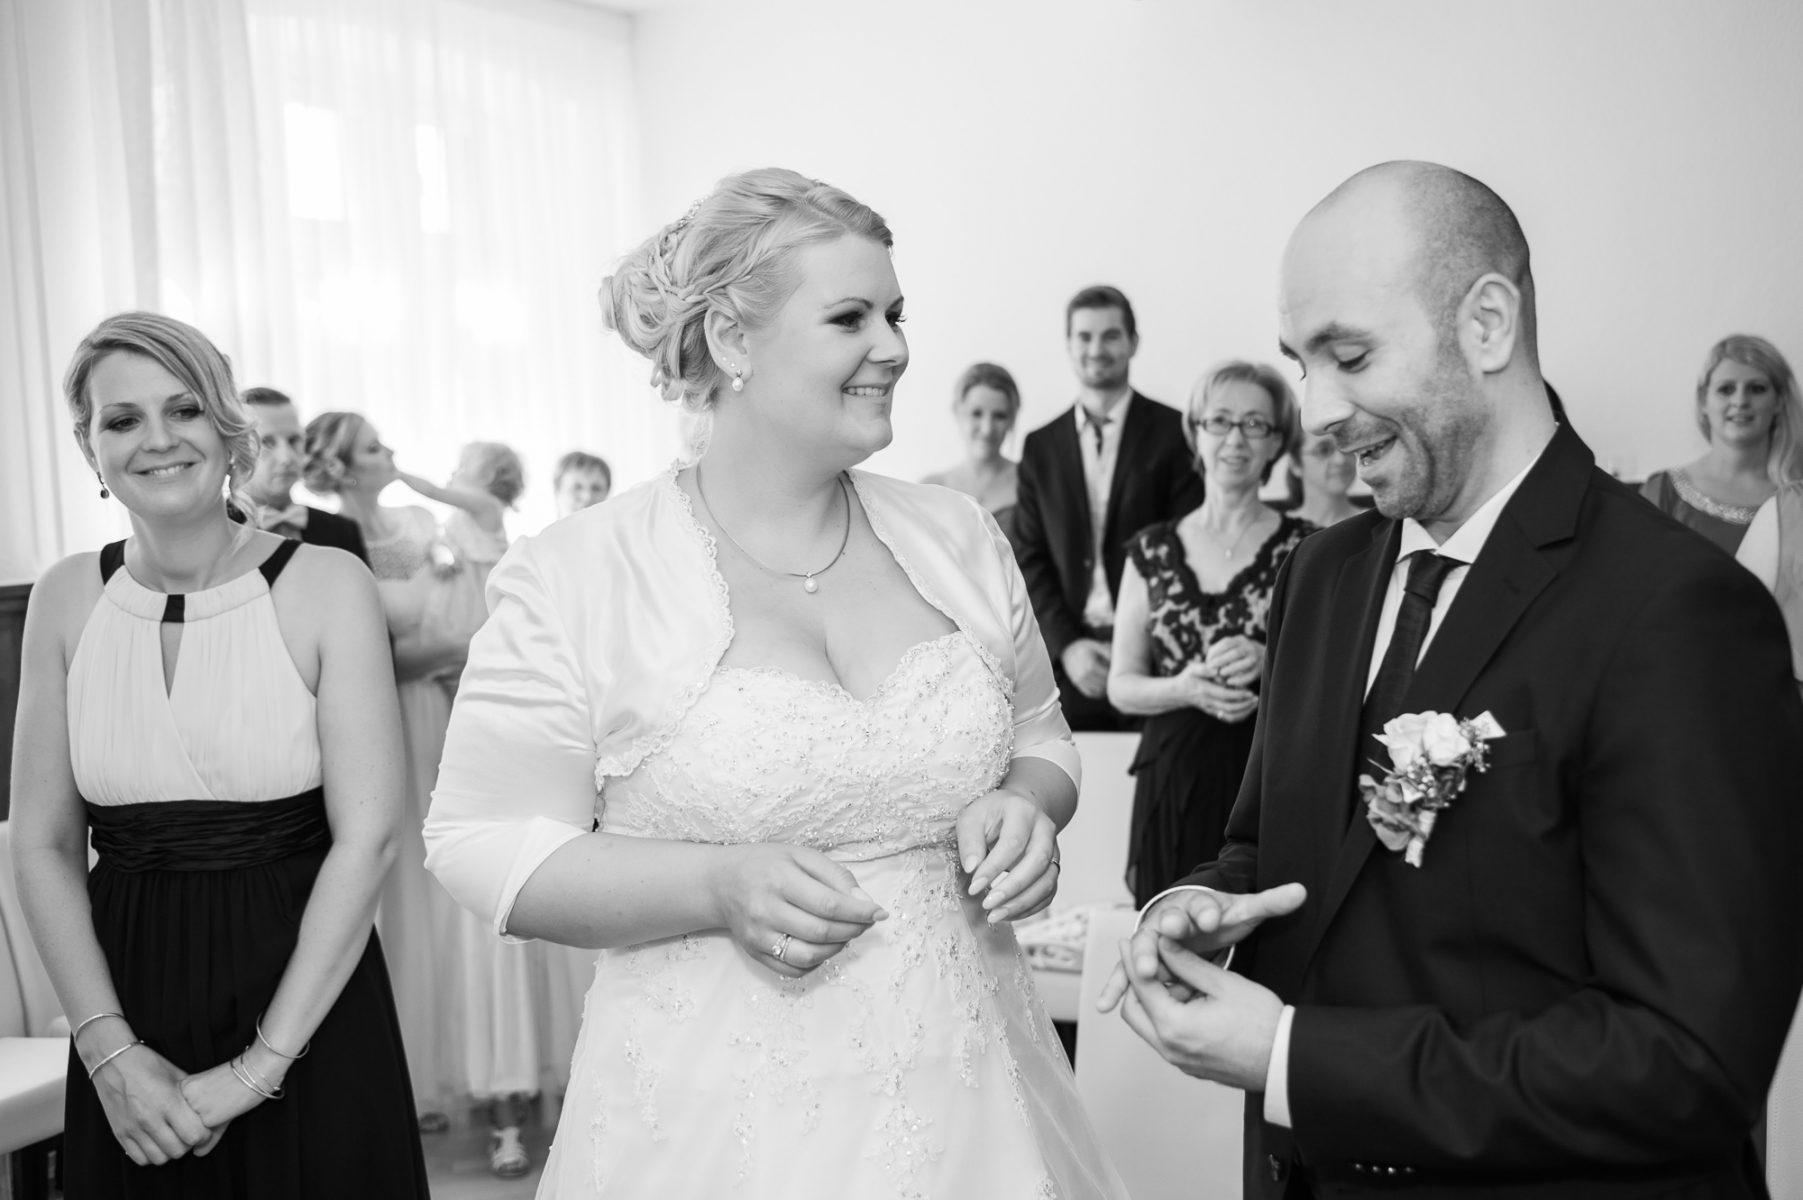 Hochzeit Trauung  228025 1803x1200 - Hochzeitsfotografie